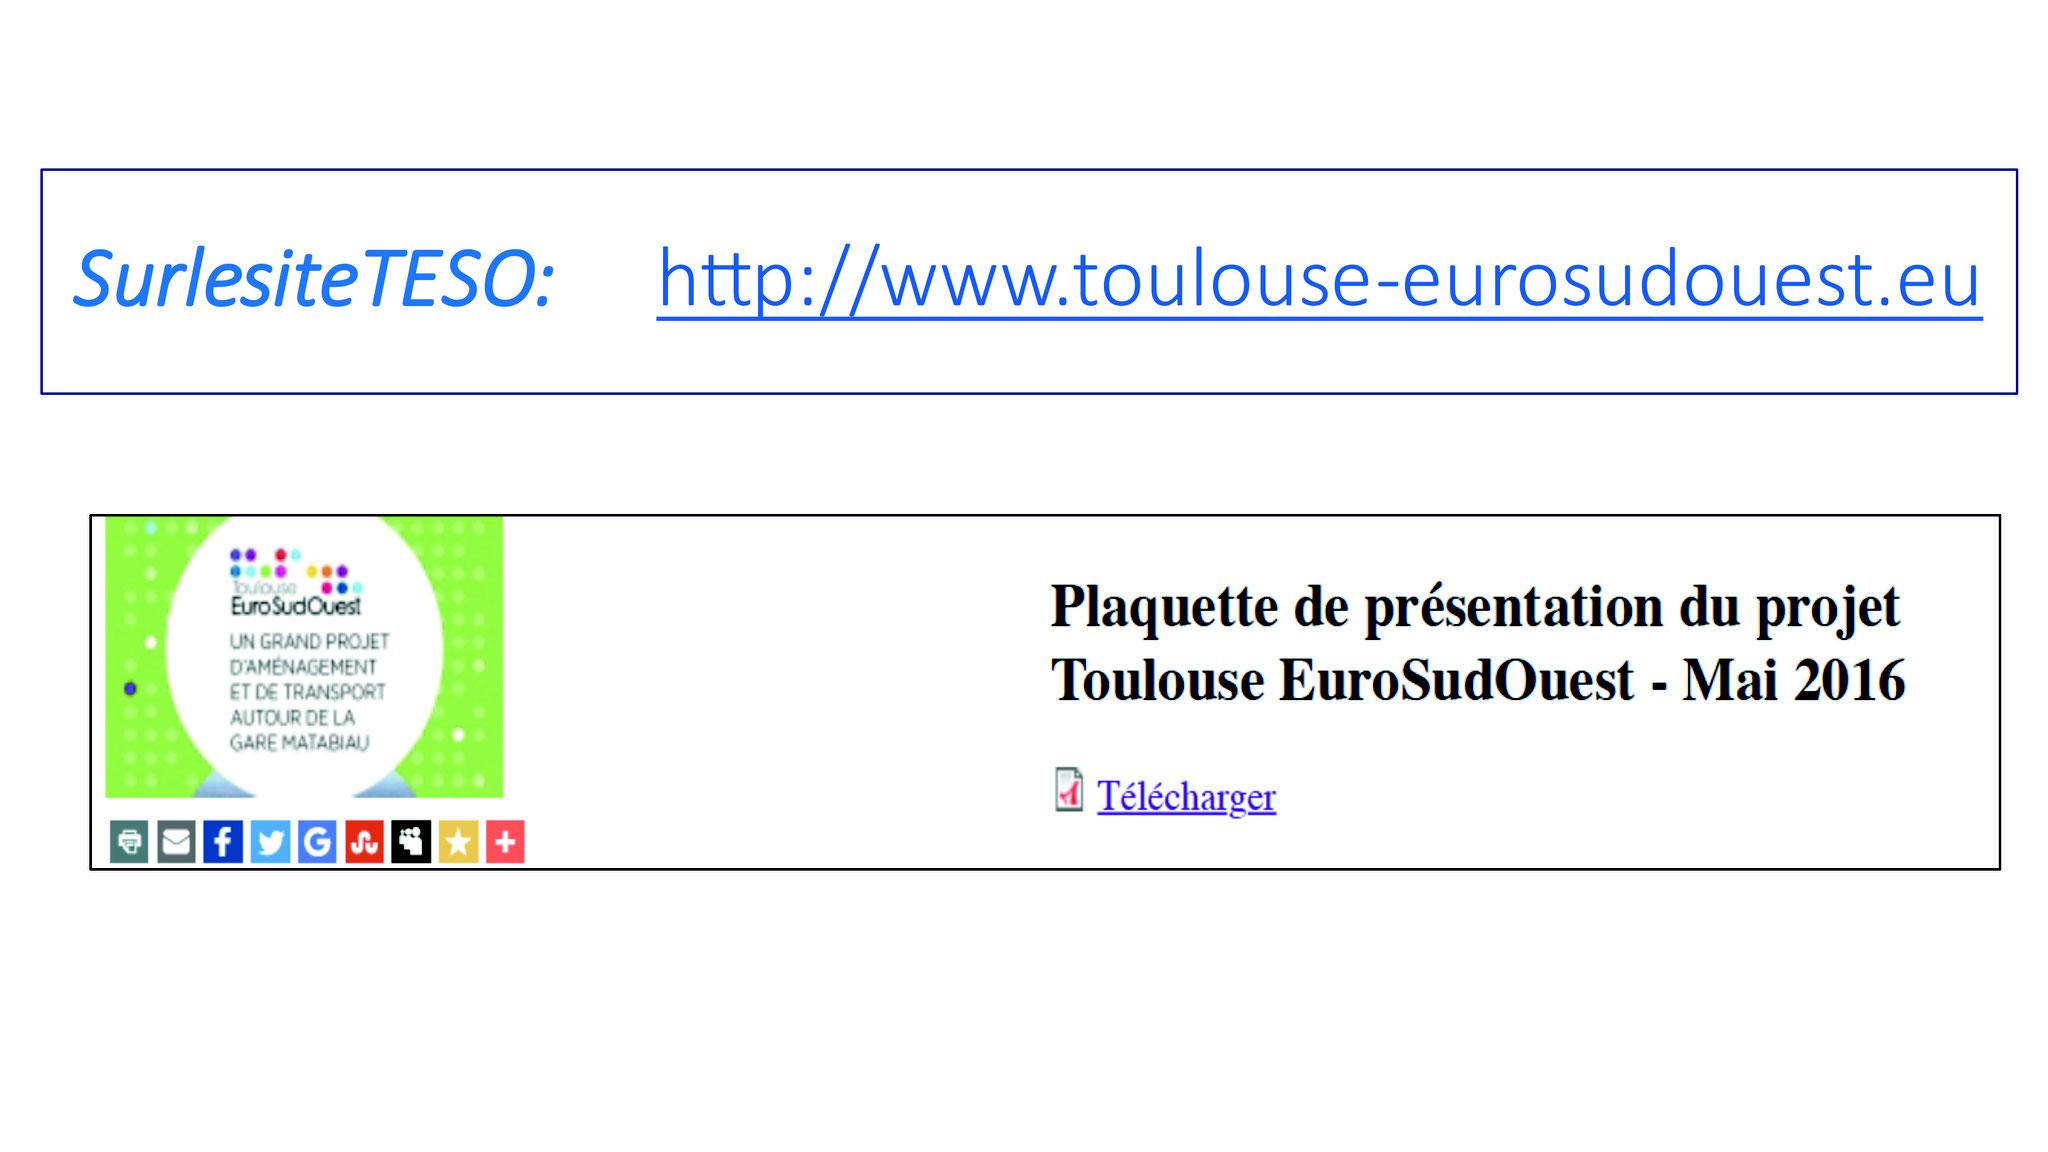 La référence est la plaquette de présentation du projet TESO datée de mars 2017. Une nouvelle version est disponible sur le site depuis fin janvier 2018